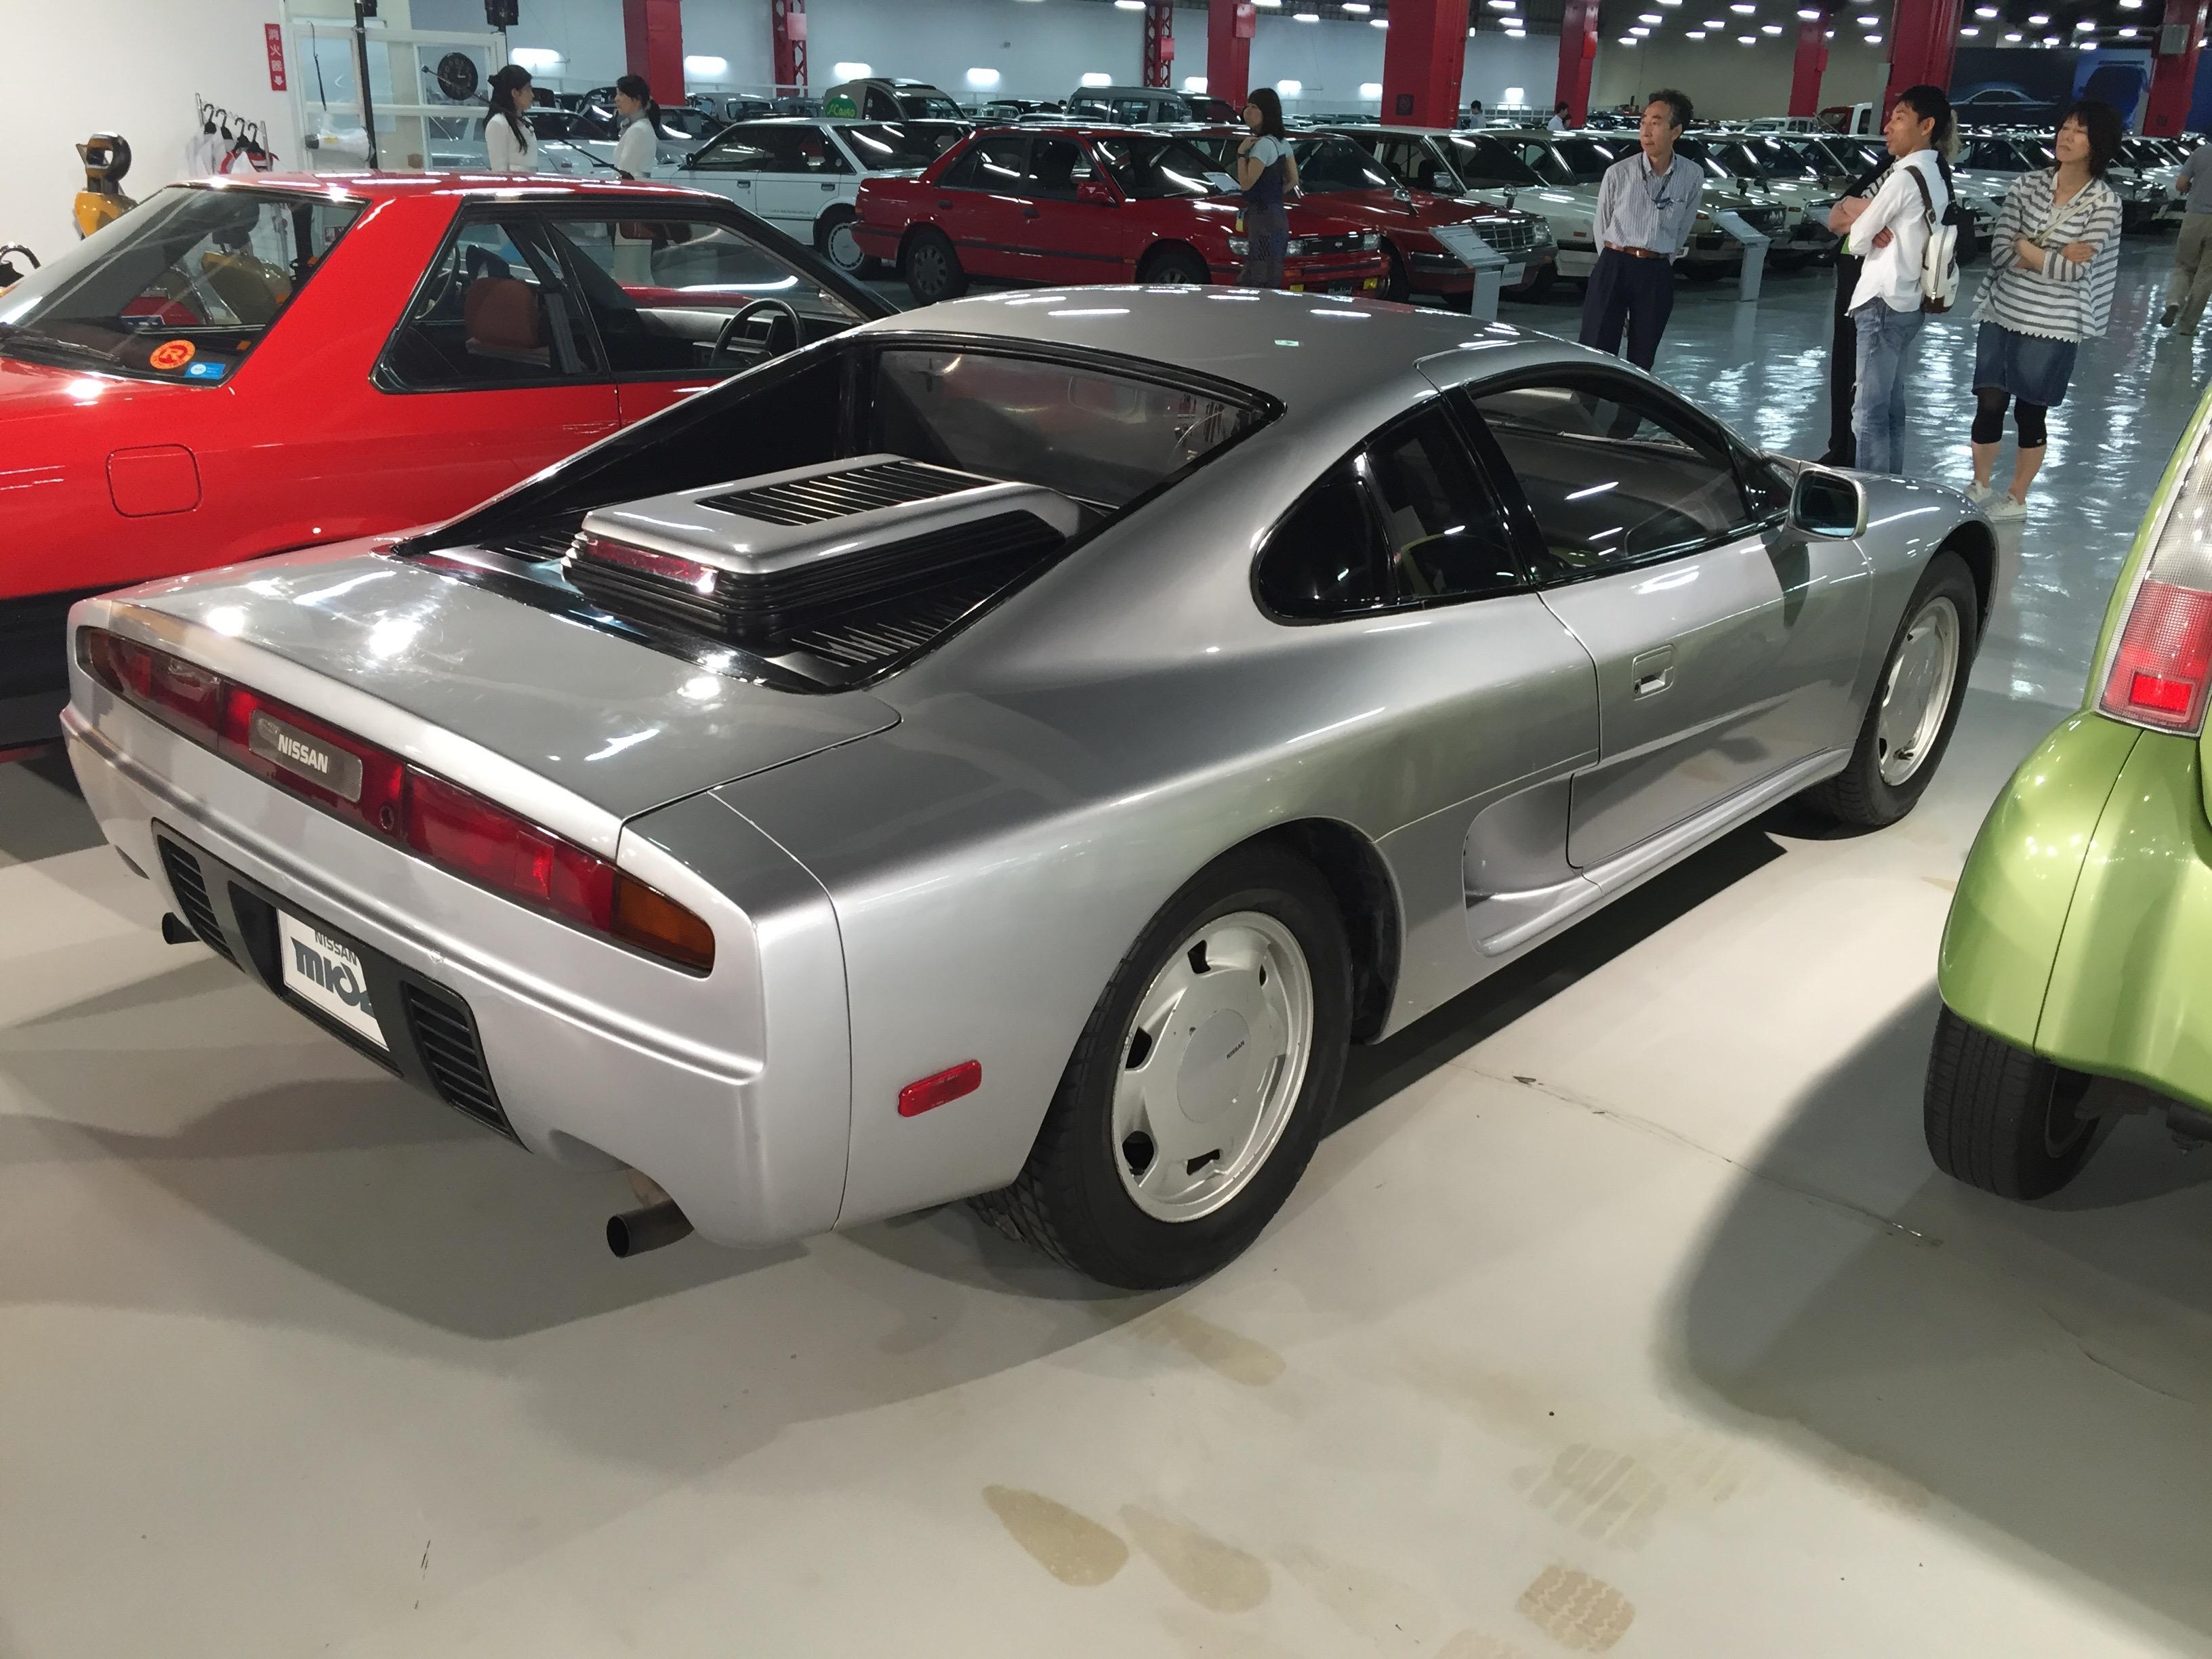 1987 Nissan MID-4 (Type II)